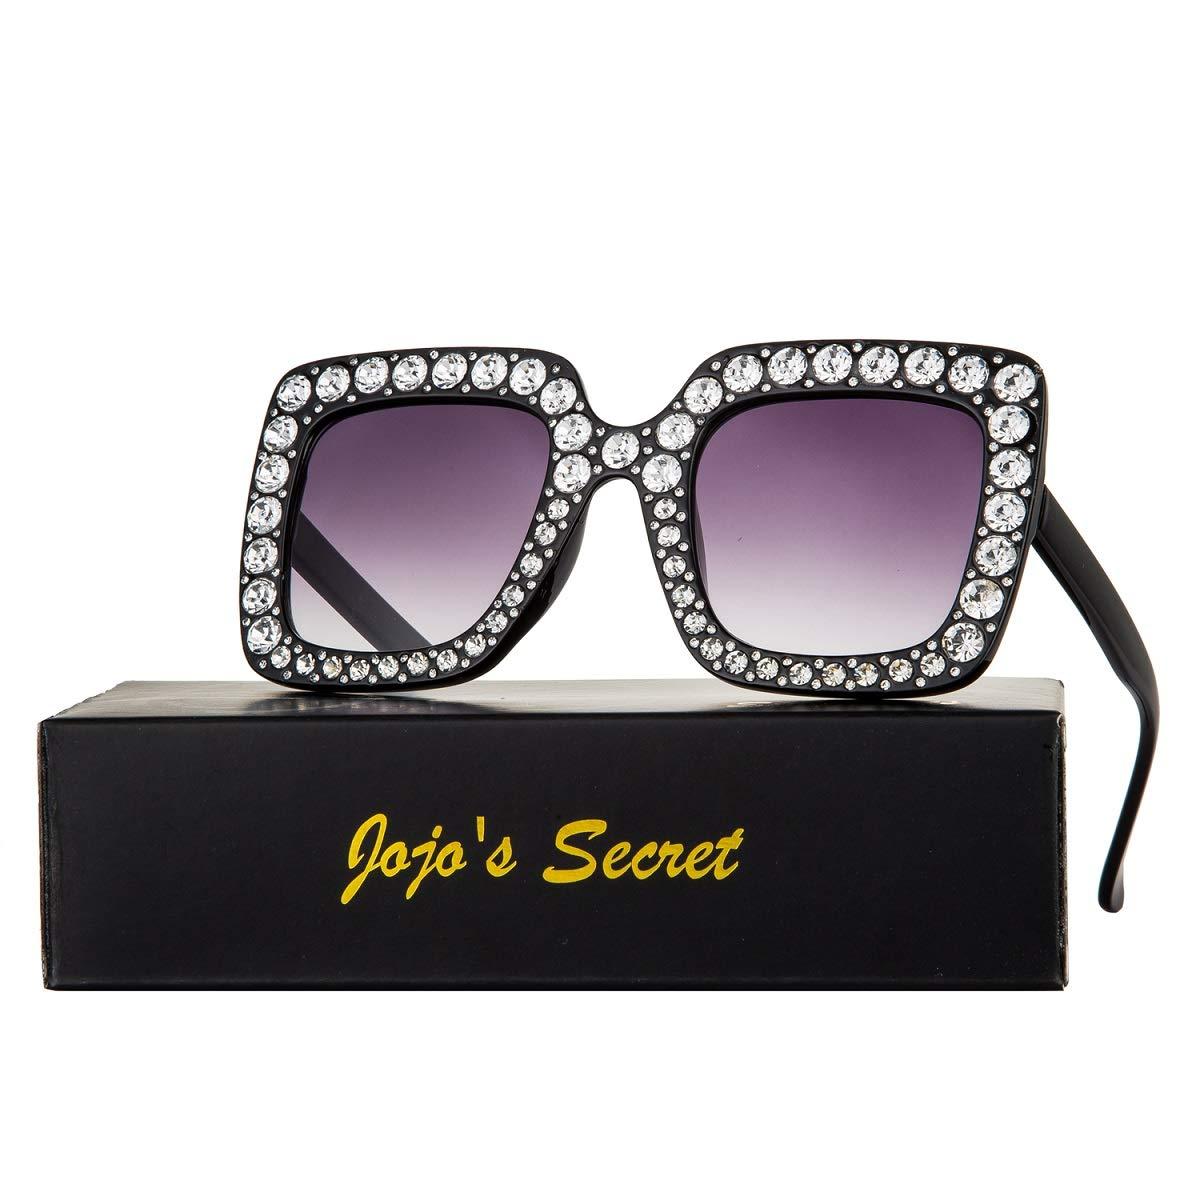 JOJO'S SECRET Crystal Brand Designer Retro Oversized Square Sunglasses For Women JS001 (Black/Grey, 2.0)